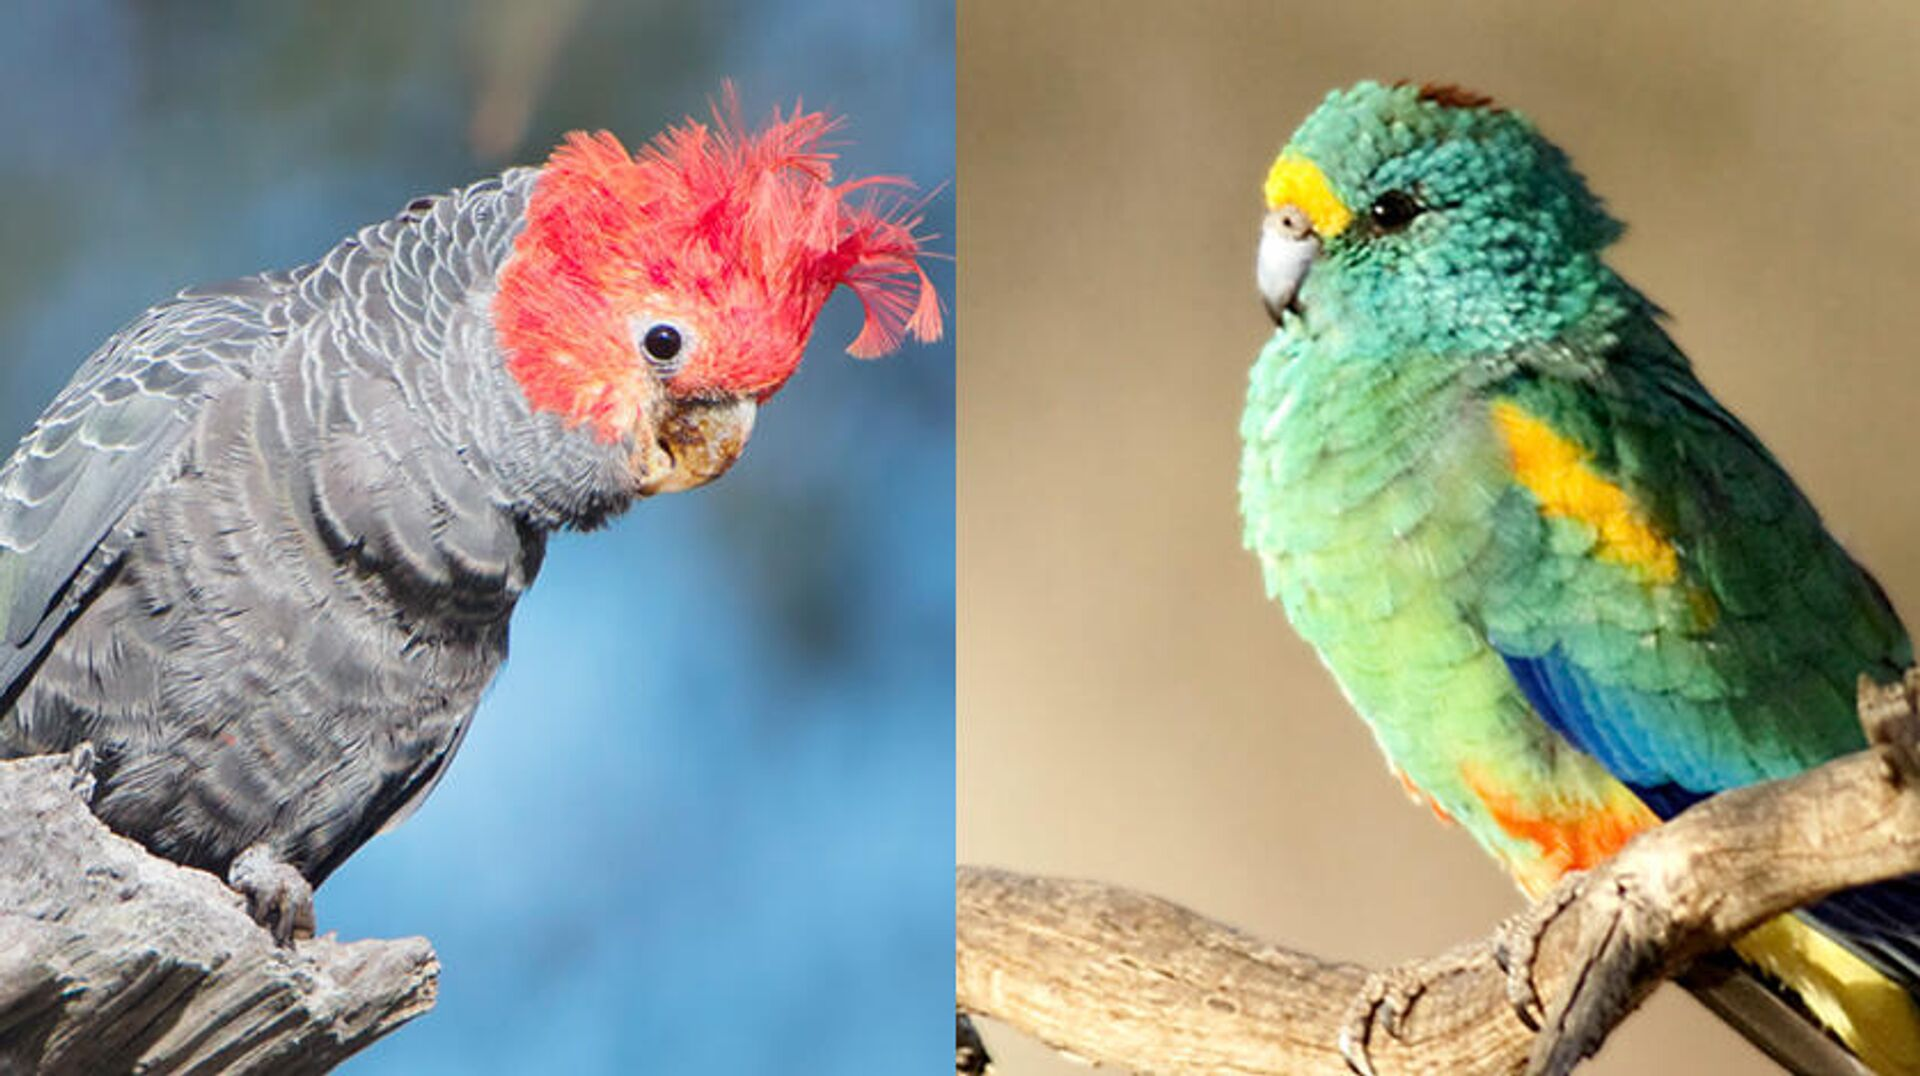 У шлемоносного какаду и разноцветного плоскохвостого попугая ученые зафиксировали увеличение размеров клюва. Предположительно, это связано с повышением среднегодовых температур воздуха в тех регионах Земли, где они обитают - Sputnik Latvija, 1920, 25.09.2021